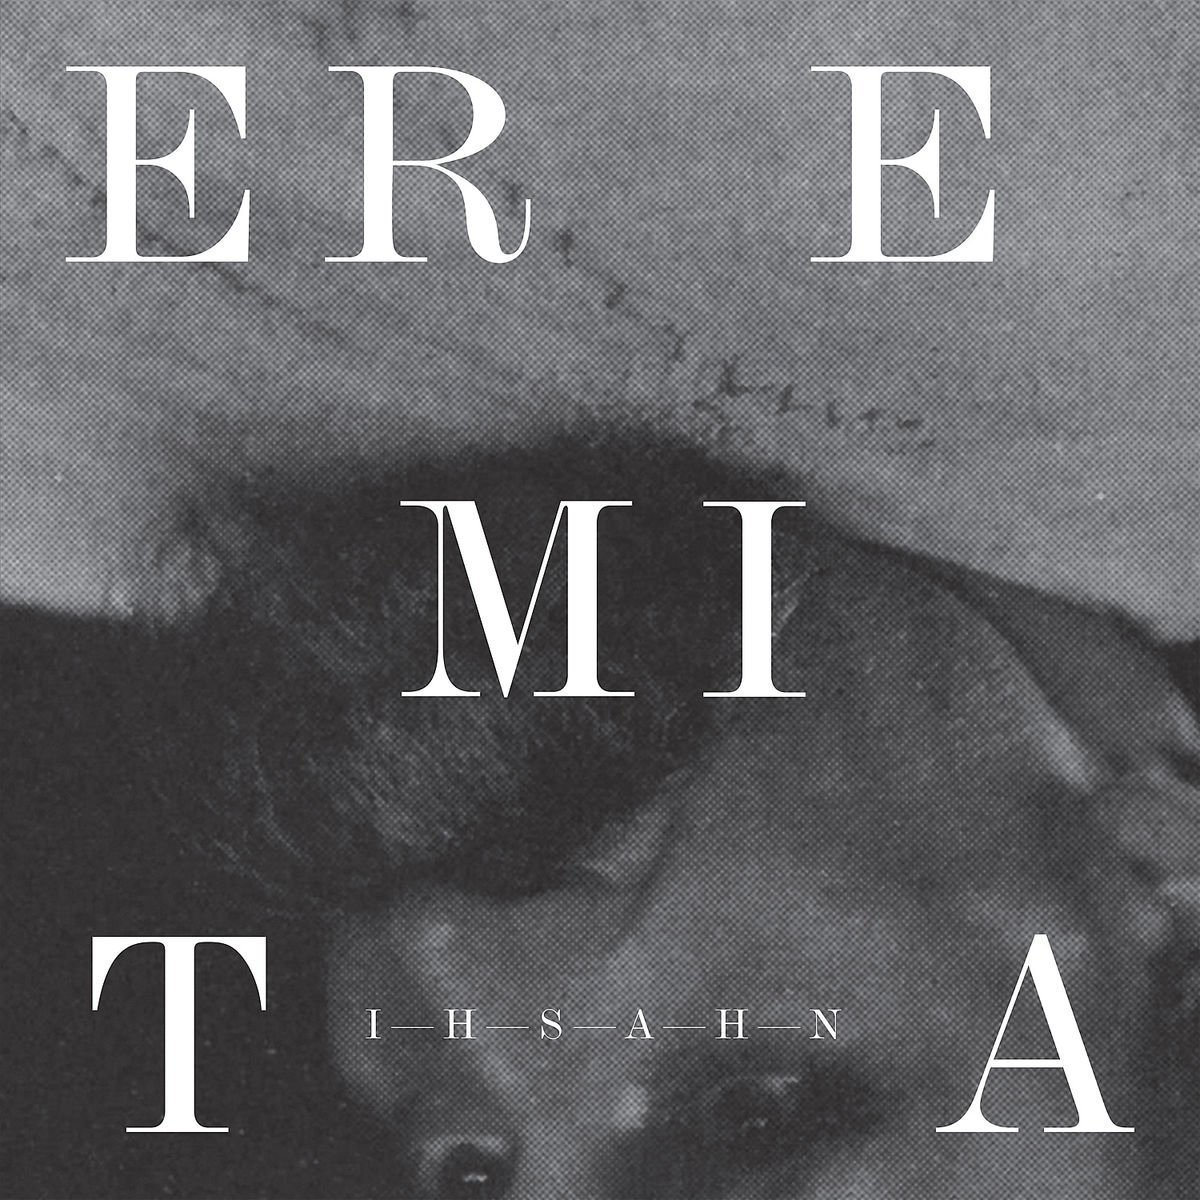 Ihsahn - Eremita (Colored Vinyl, White, 2PC)